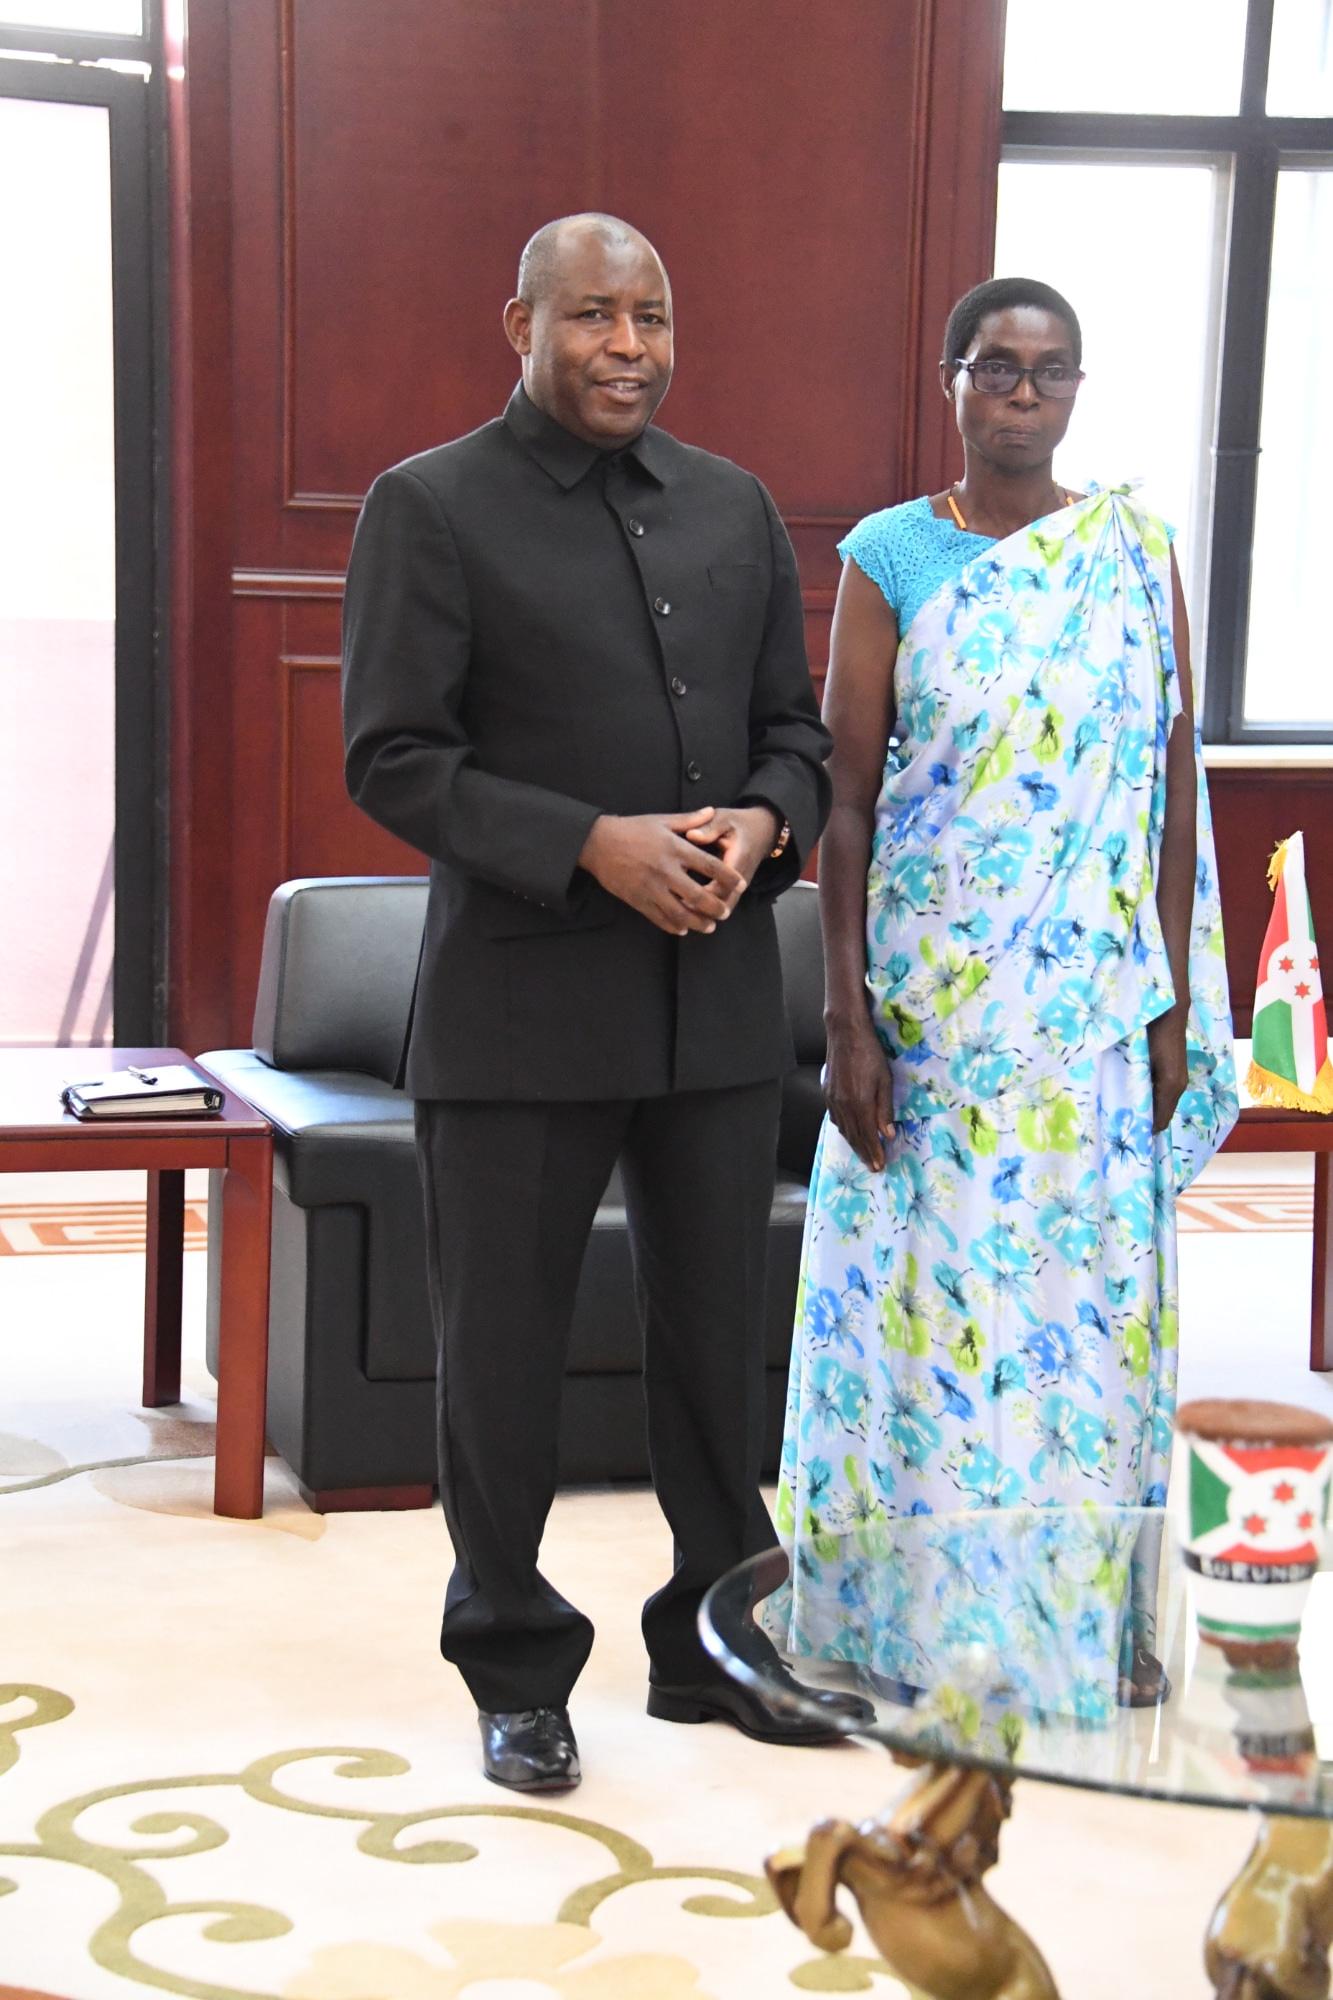 Le Chef de l'Etat salue la bravoure des femmes rurales Burundaises